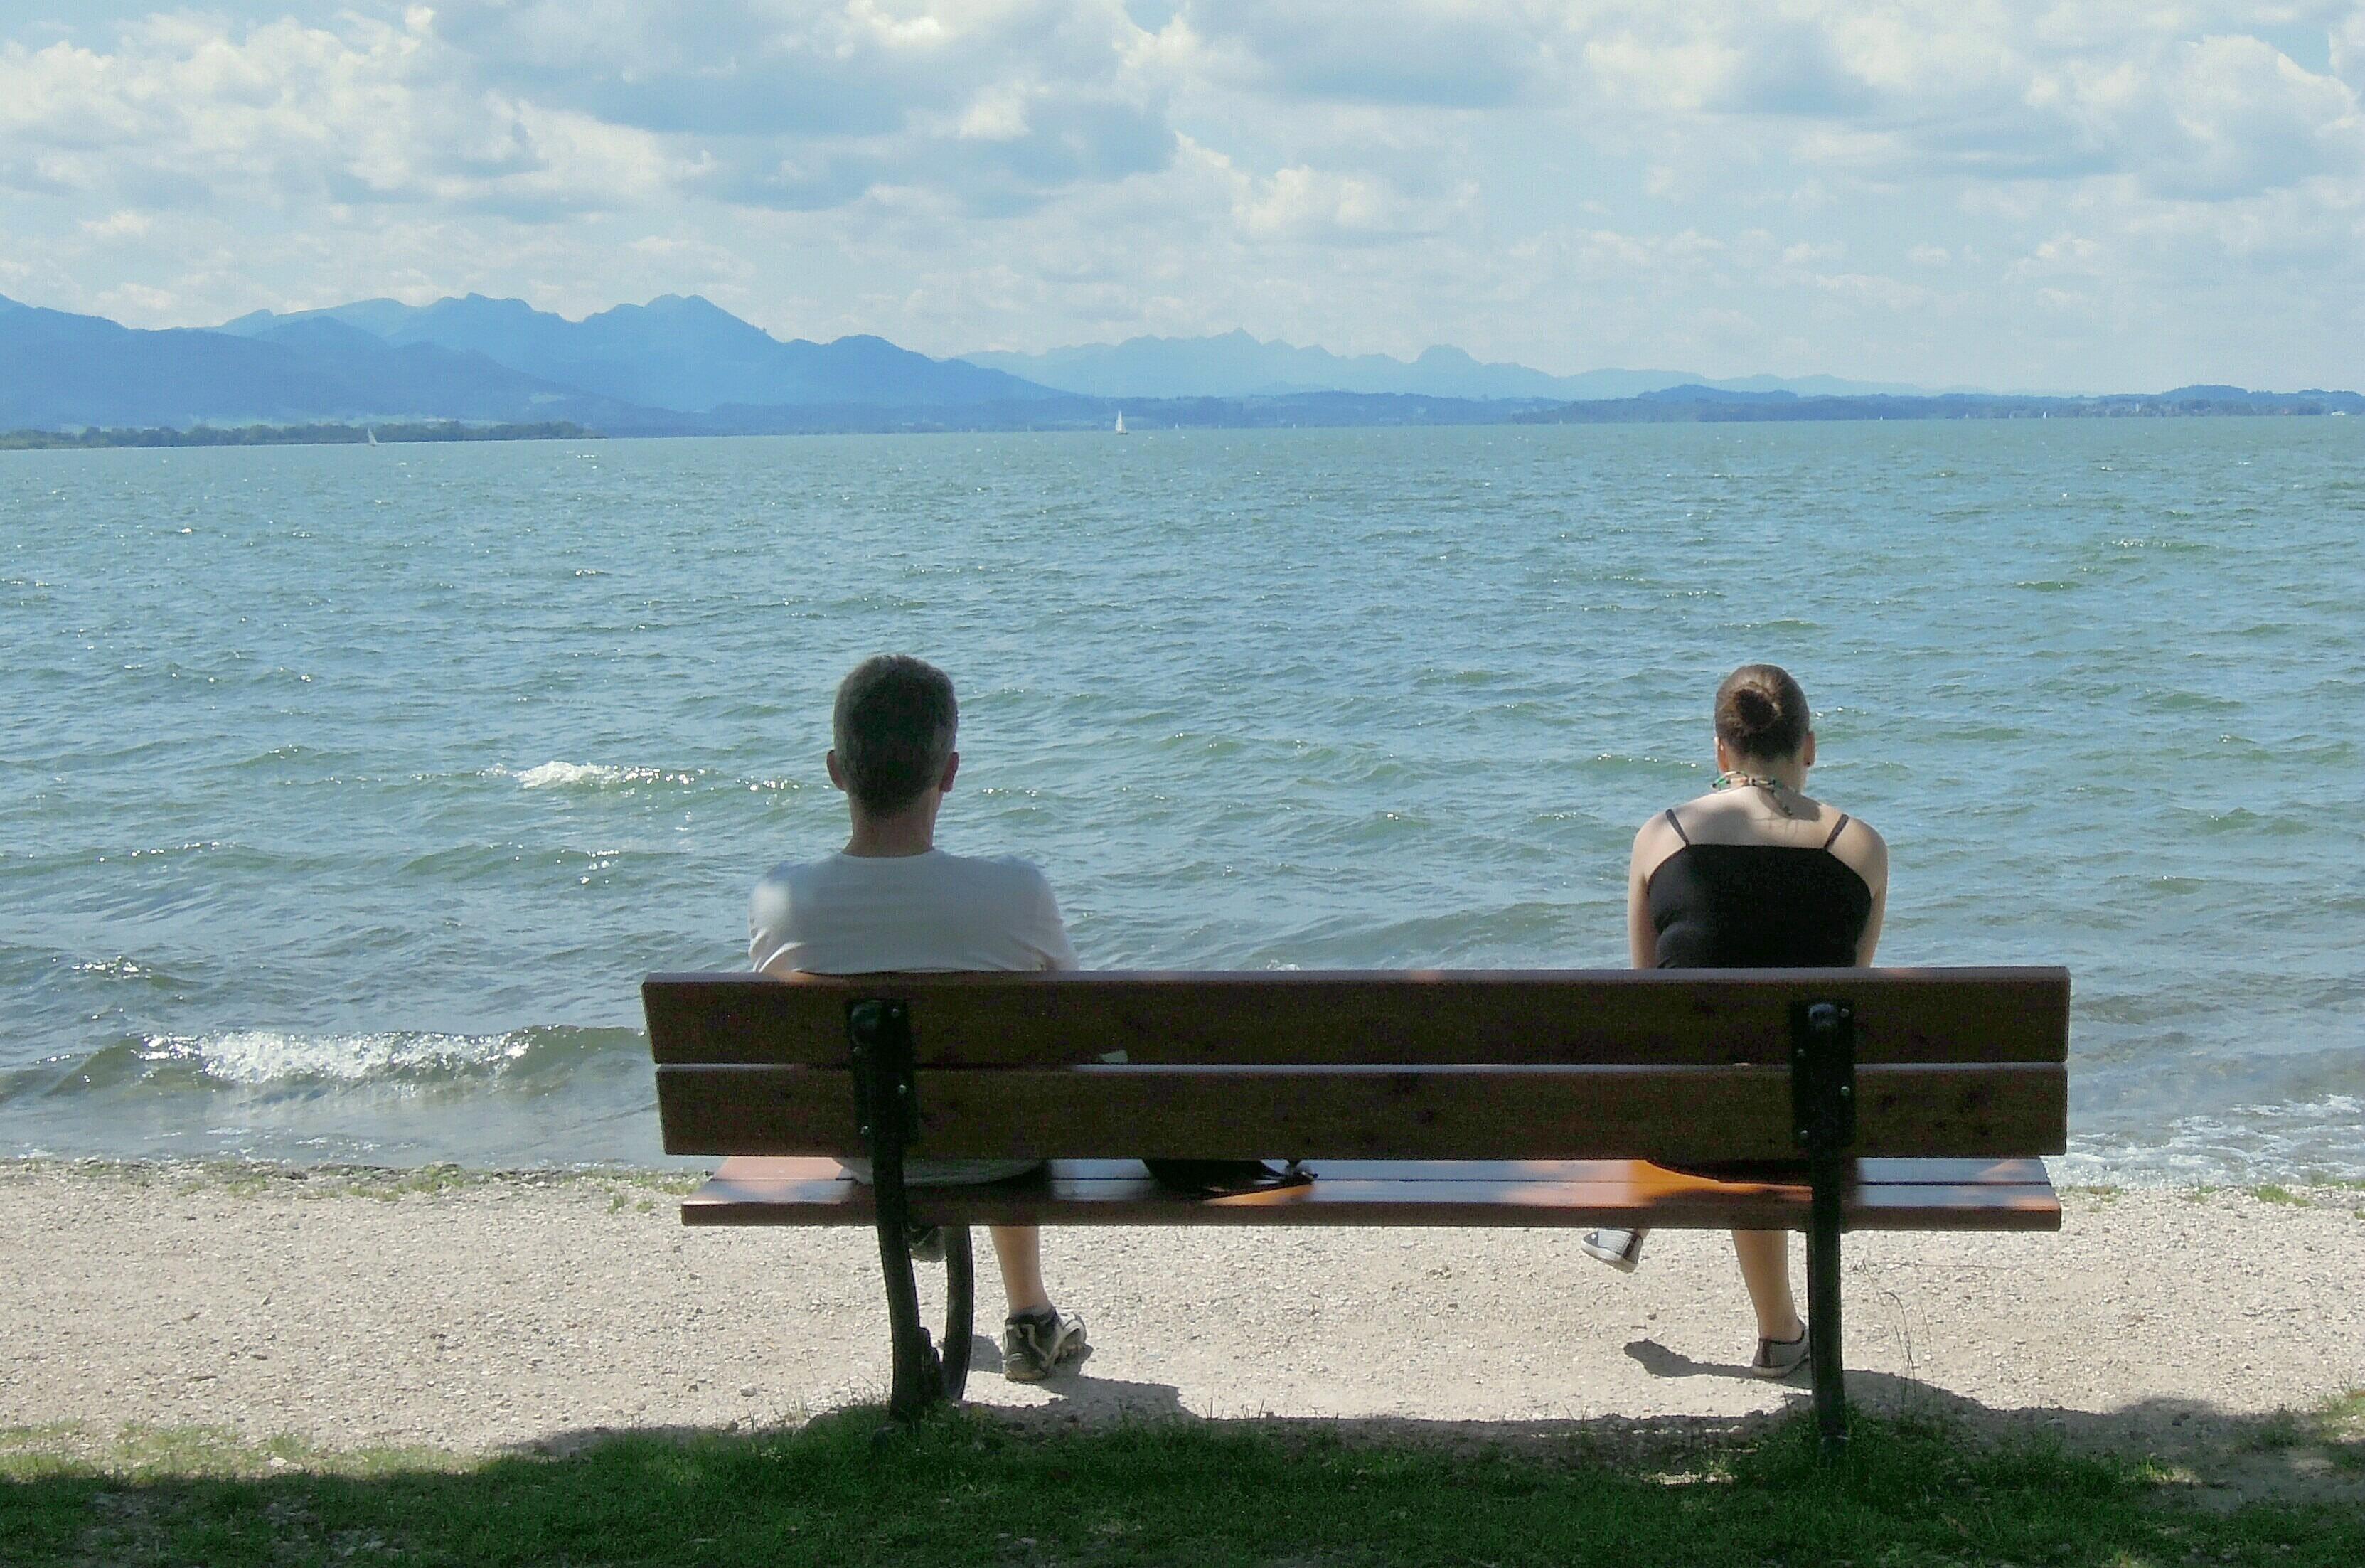 Una coppia si lascia, seduta su una panchina davanti al mare